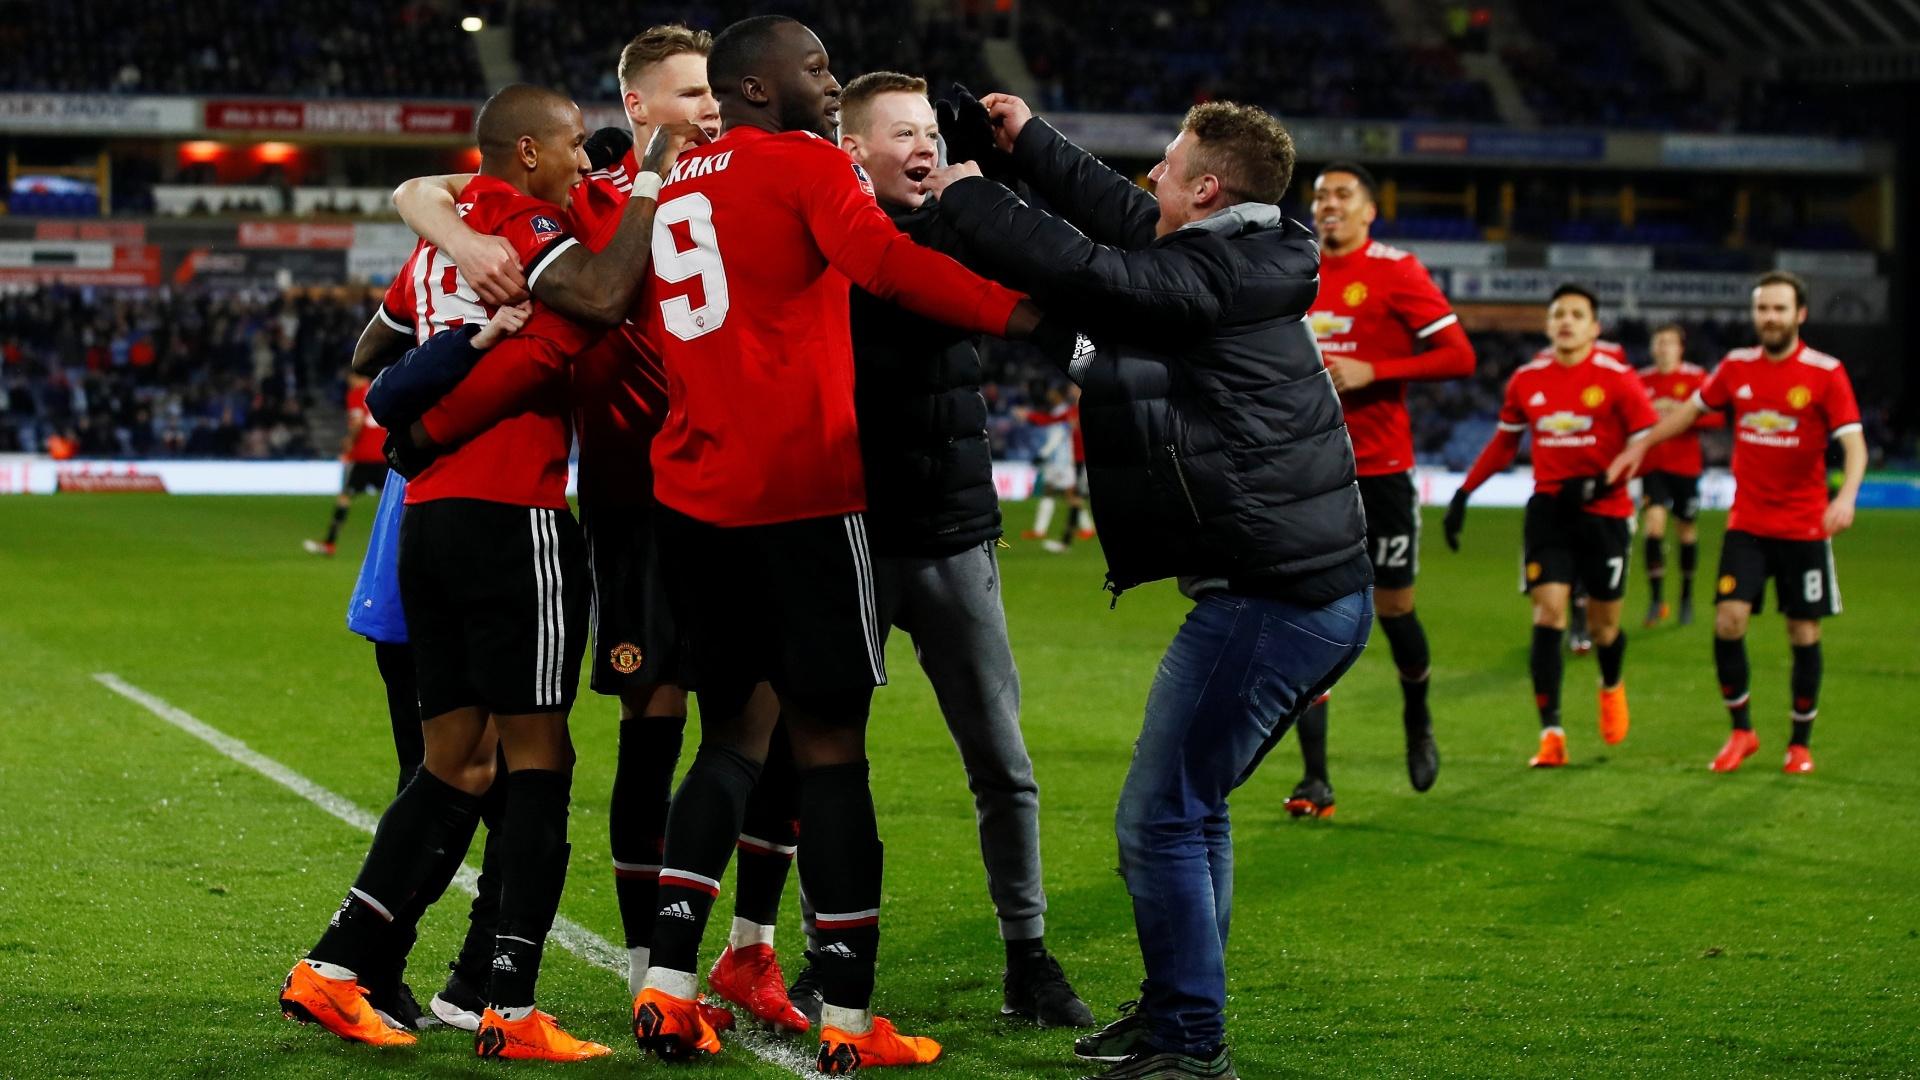 Torcedores invadem o gramado e comemoram junto com os jogadores do Manchester United